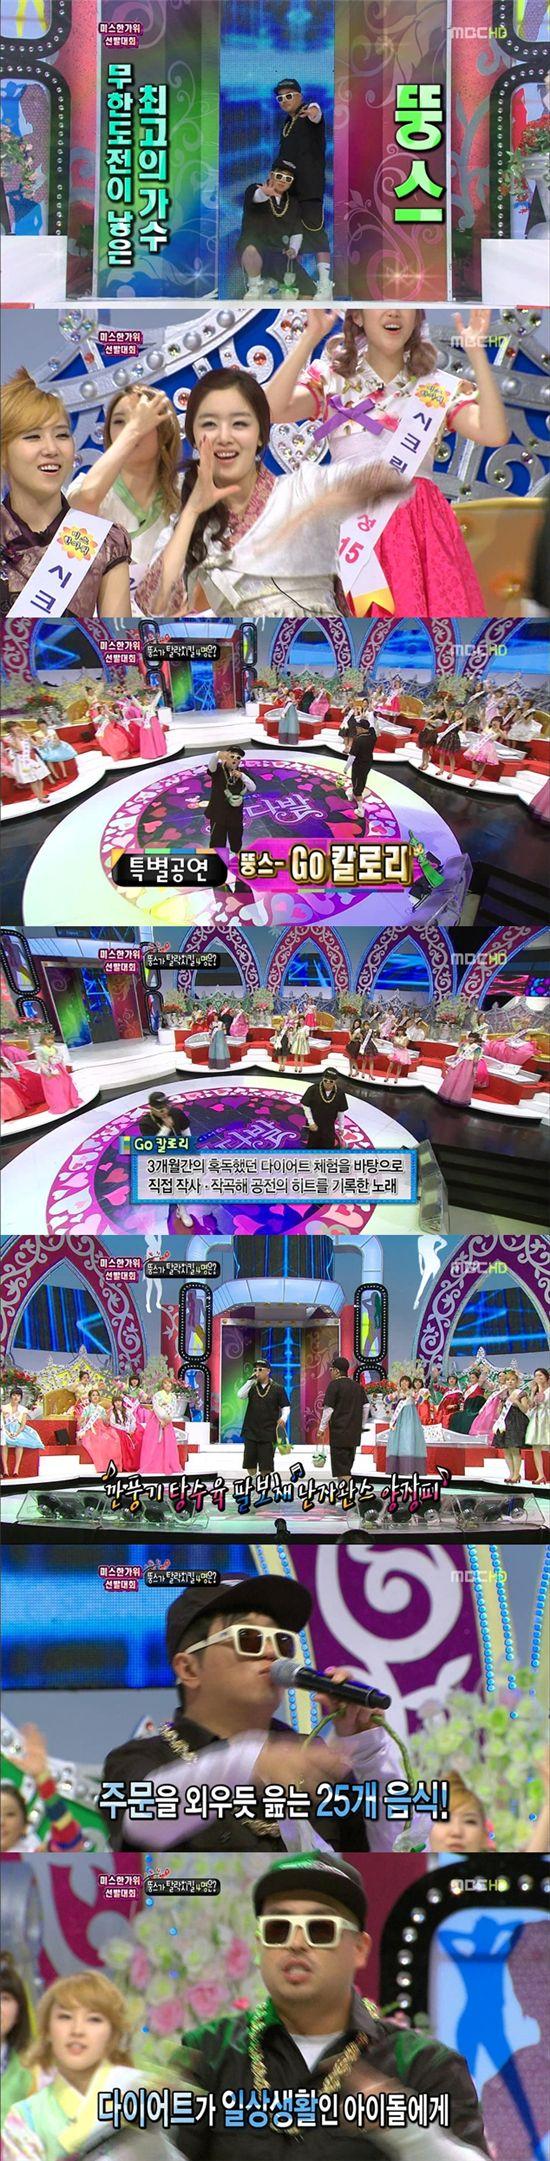 뚱스 정형돈-길, '무도' 이후 '꽃다발'서 최초공연 '폭소'